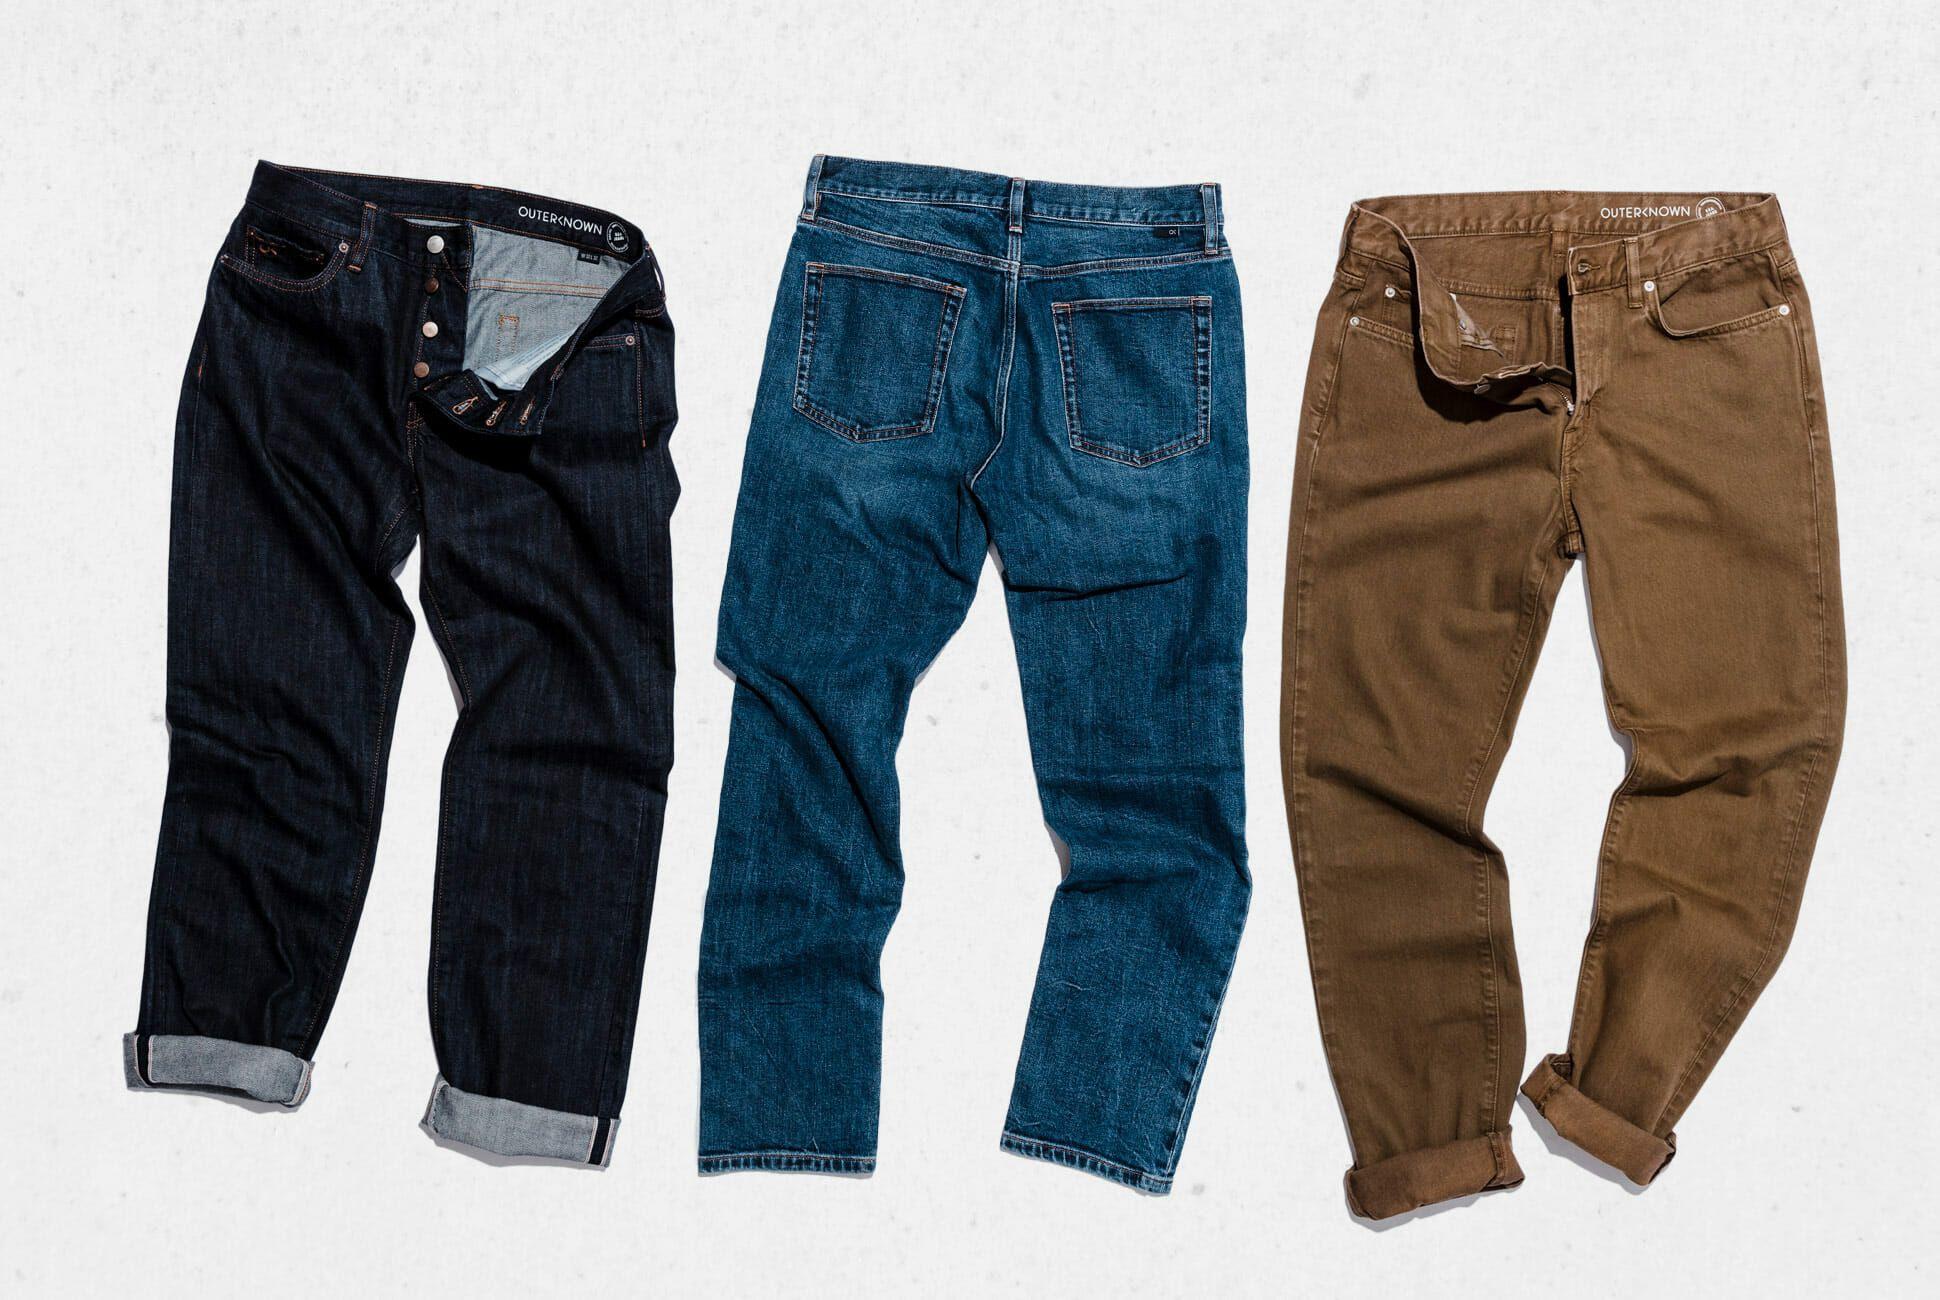 Outerknown-SEA-Jeans-gear-patrol-slide-2